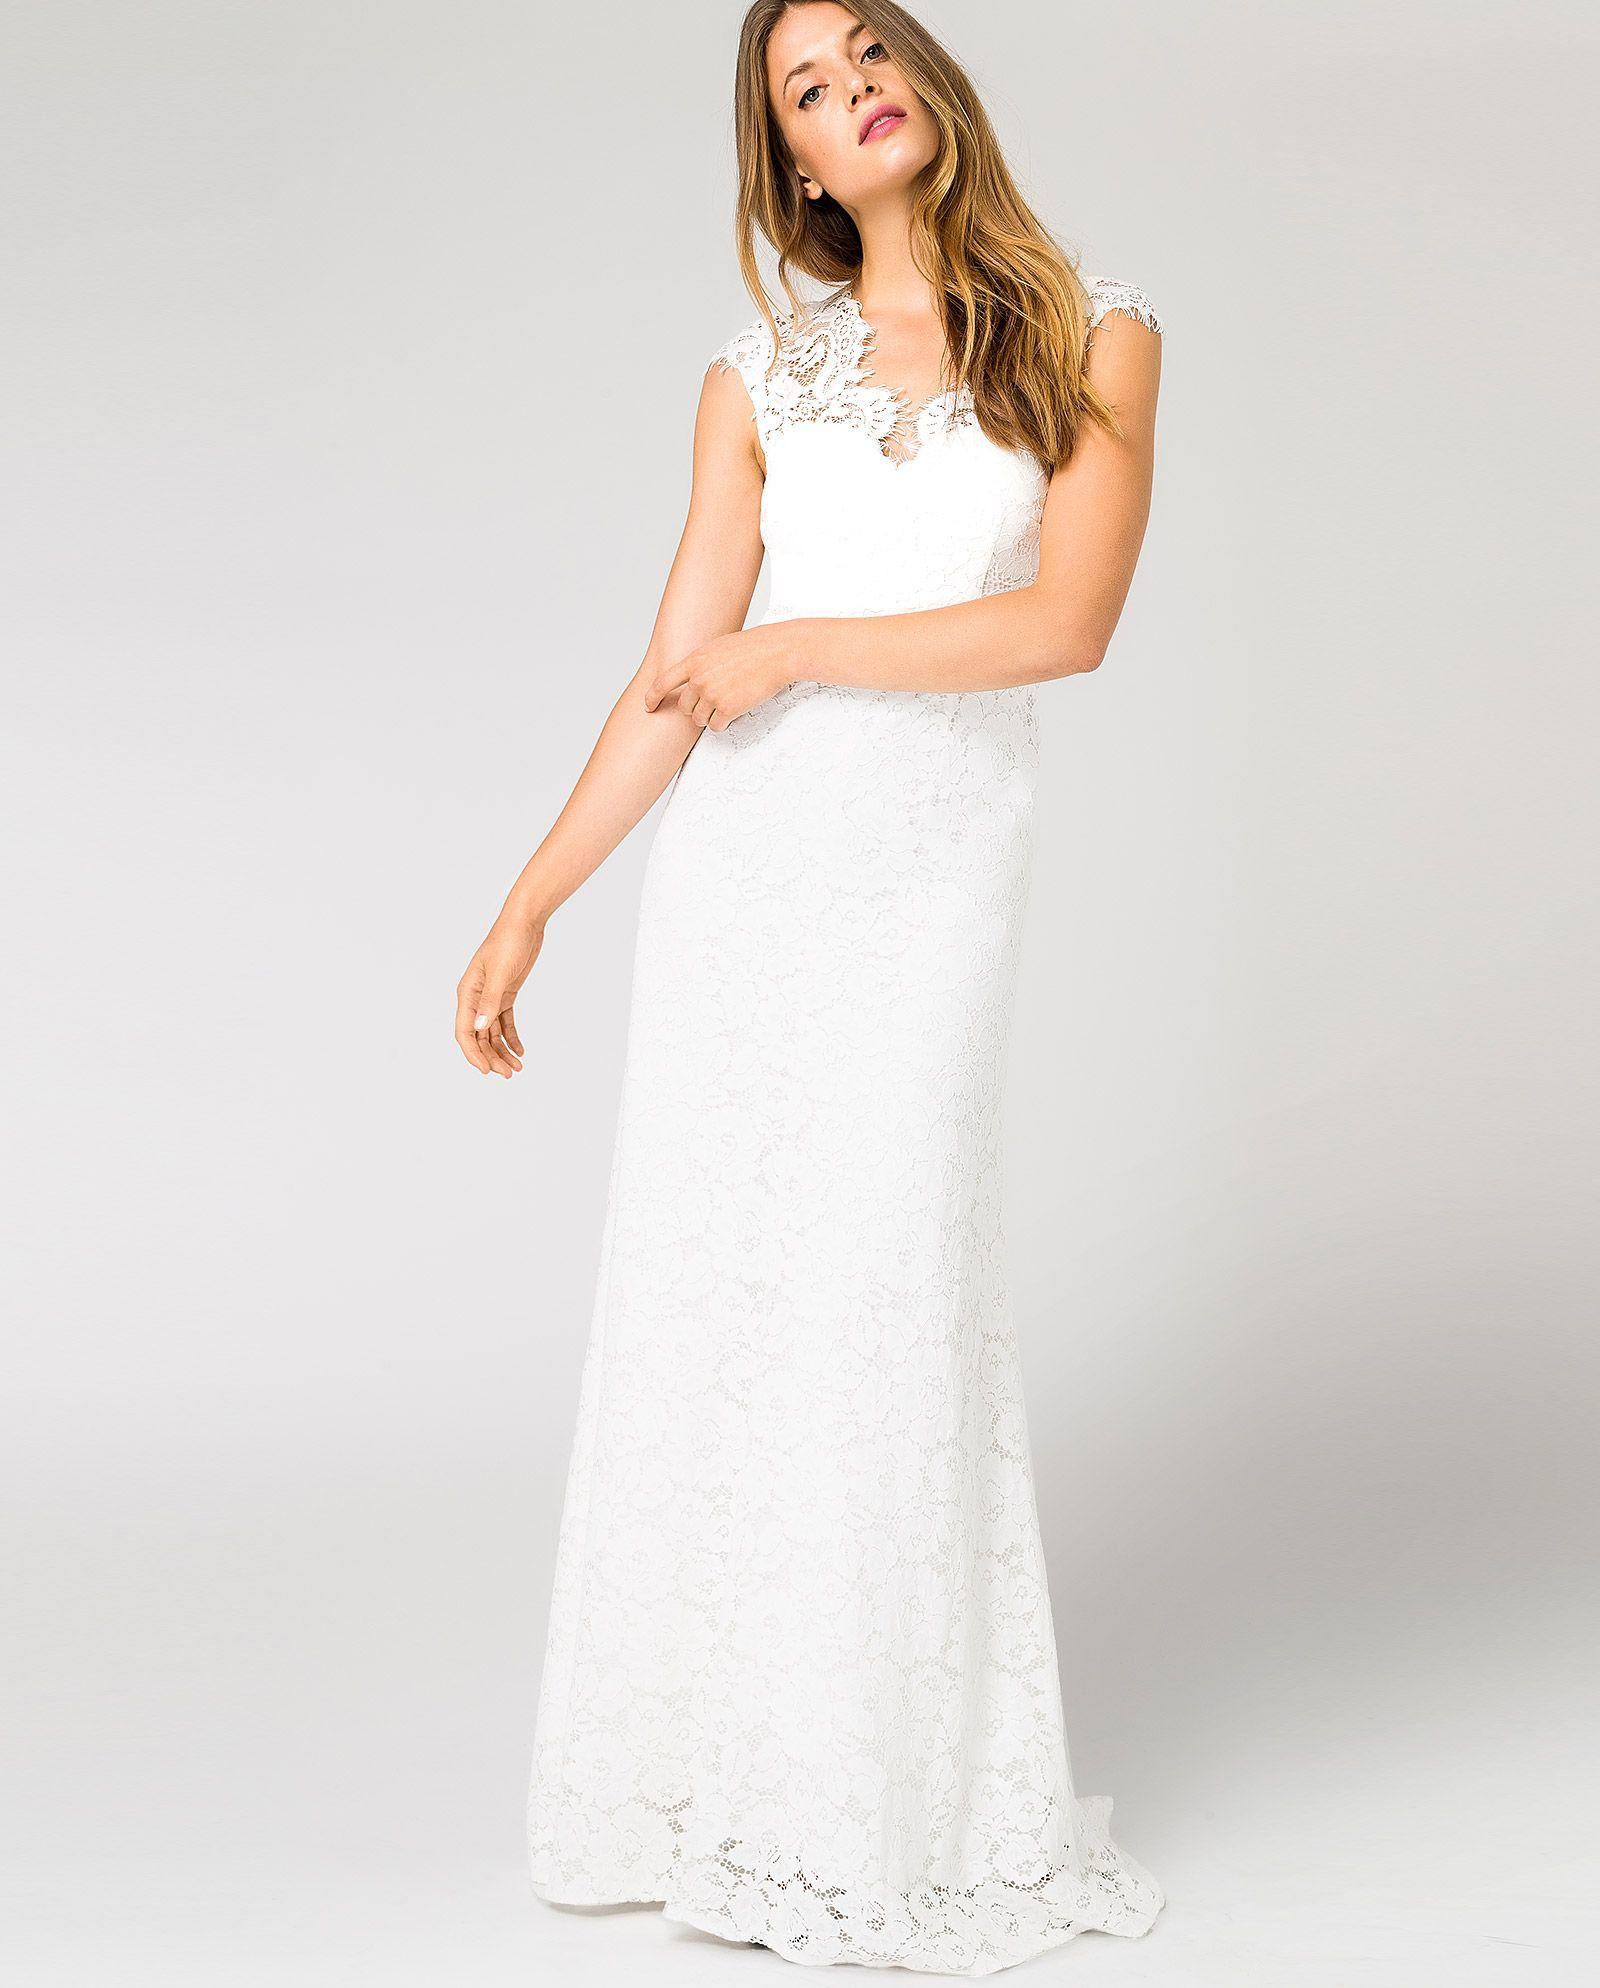 Fantastisch Lds Hochzeitskleid Ideen - Brautkleider Ideen - cashingy ...